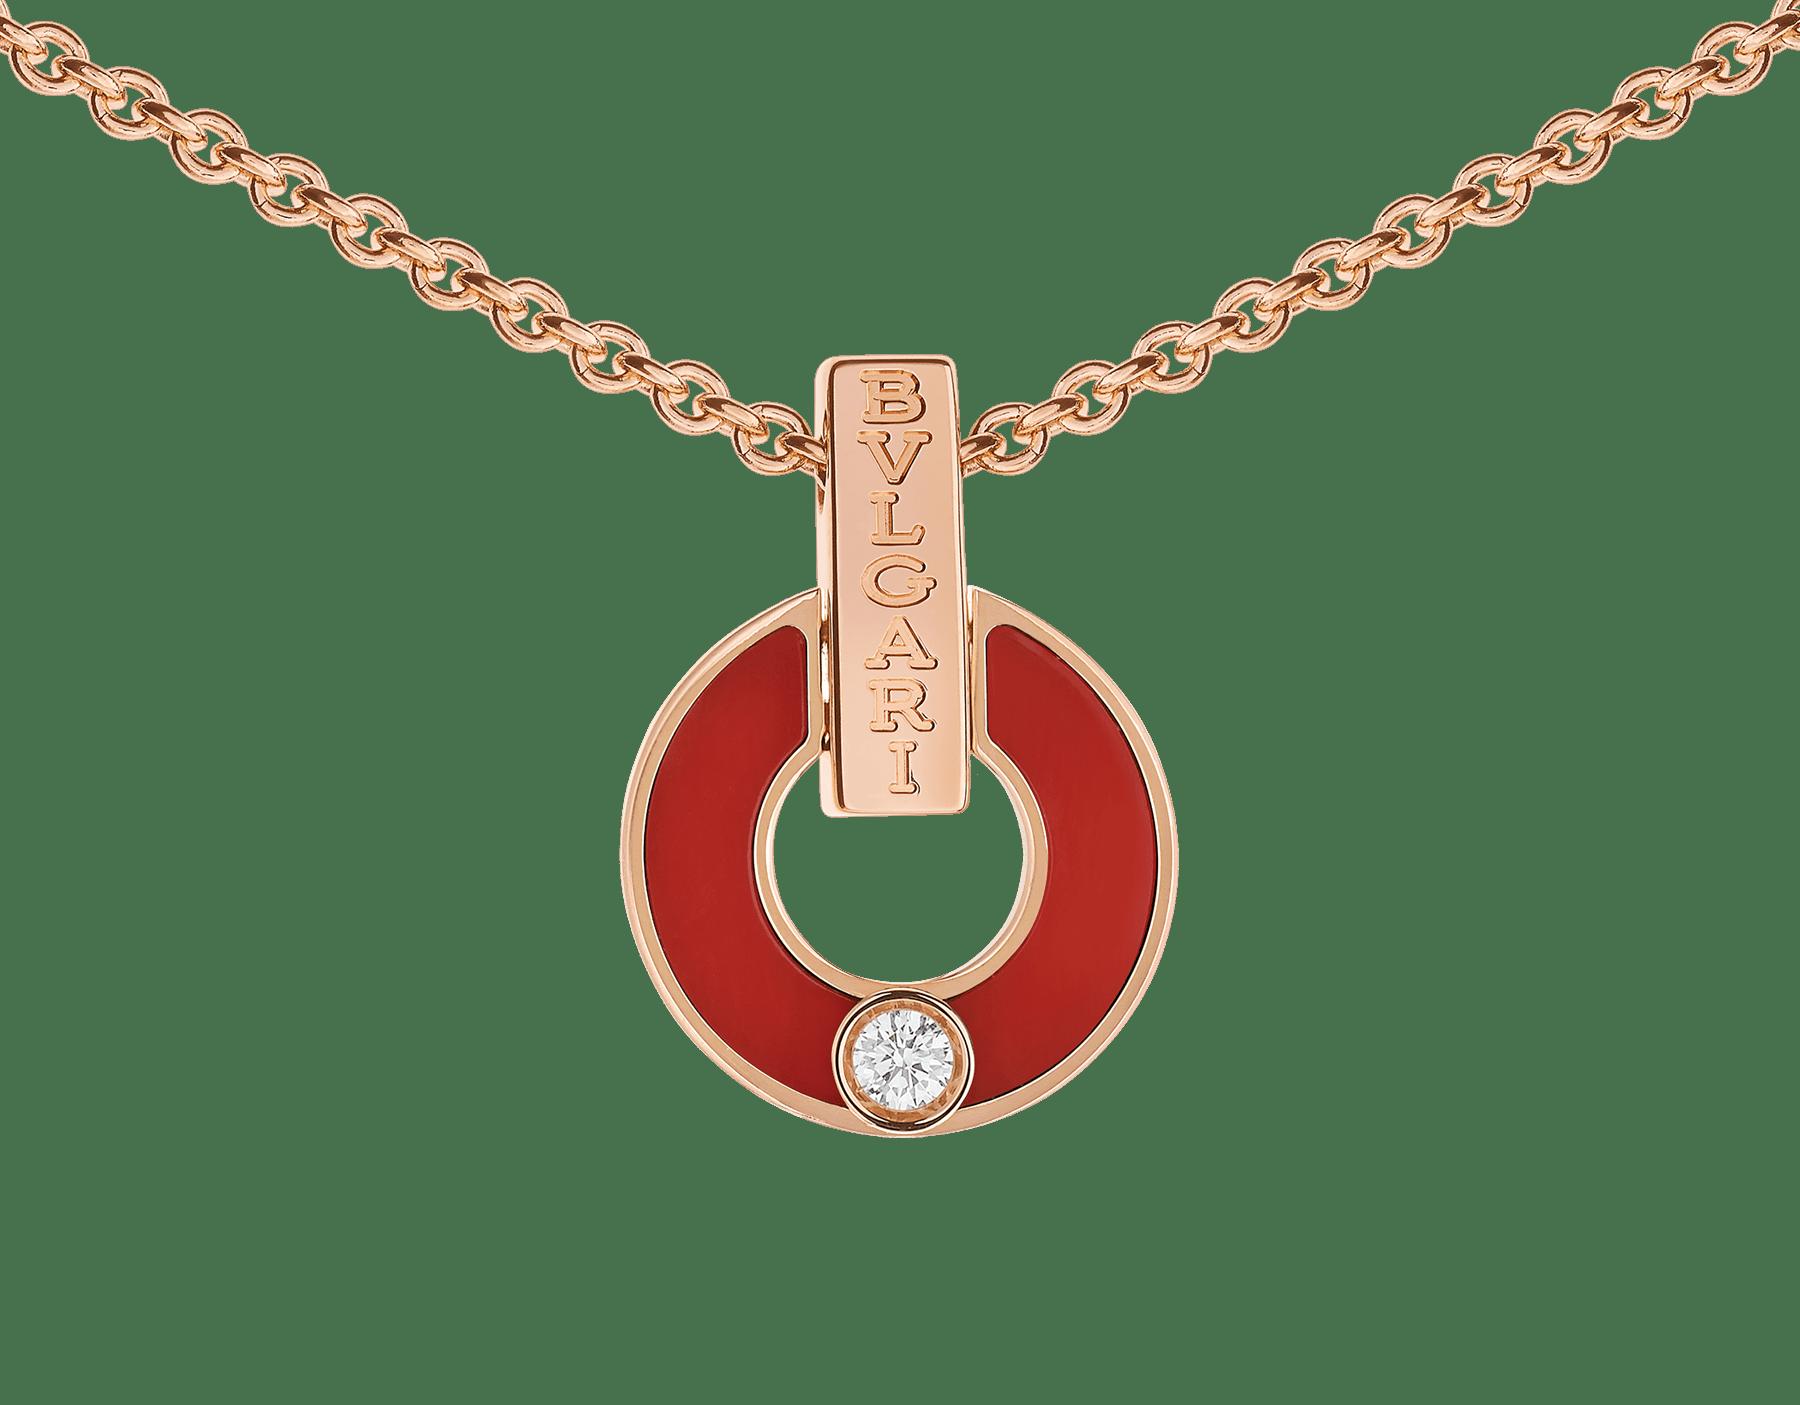 Skelettierte BVLGARI BVLGARI Halskette aus 18 Karat Gelbgold mit Korallen-Elementen und einem runden Diamanten im Brillantschliff 357921 image 3